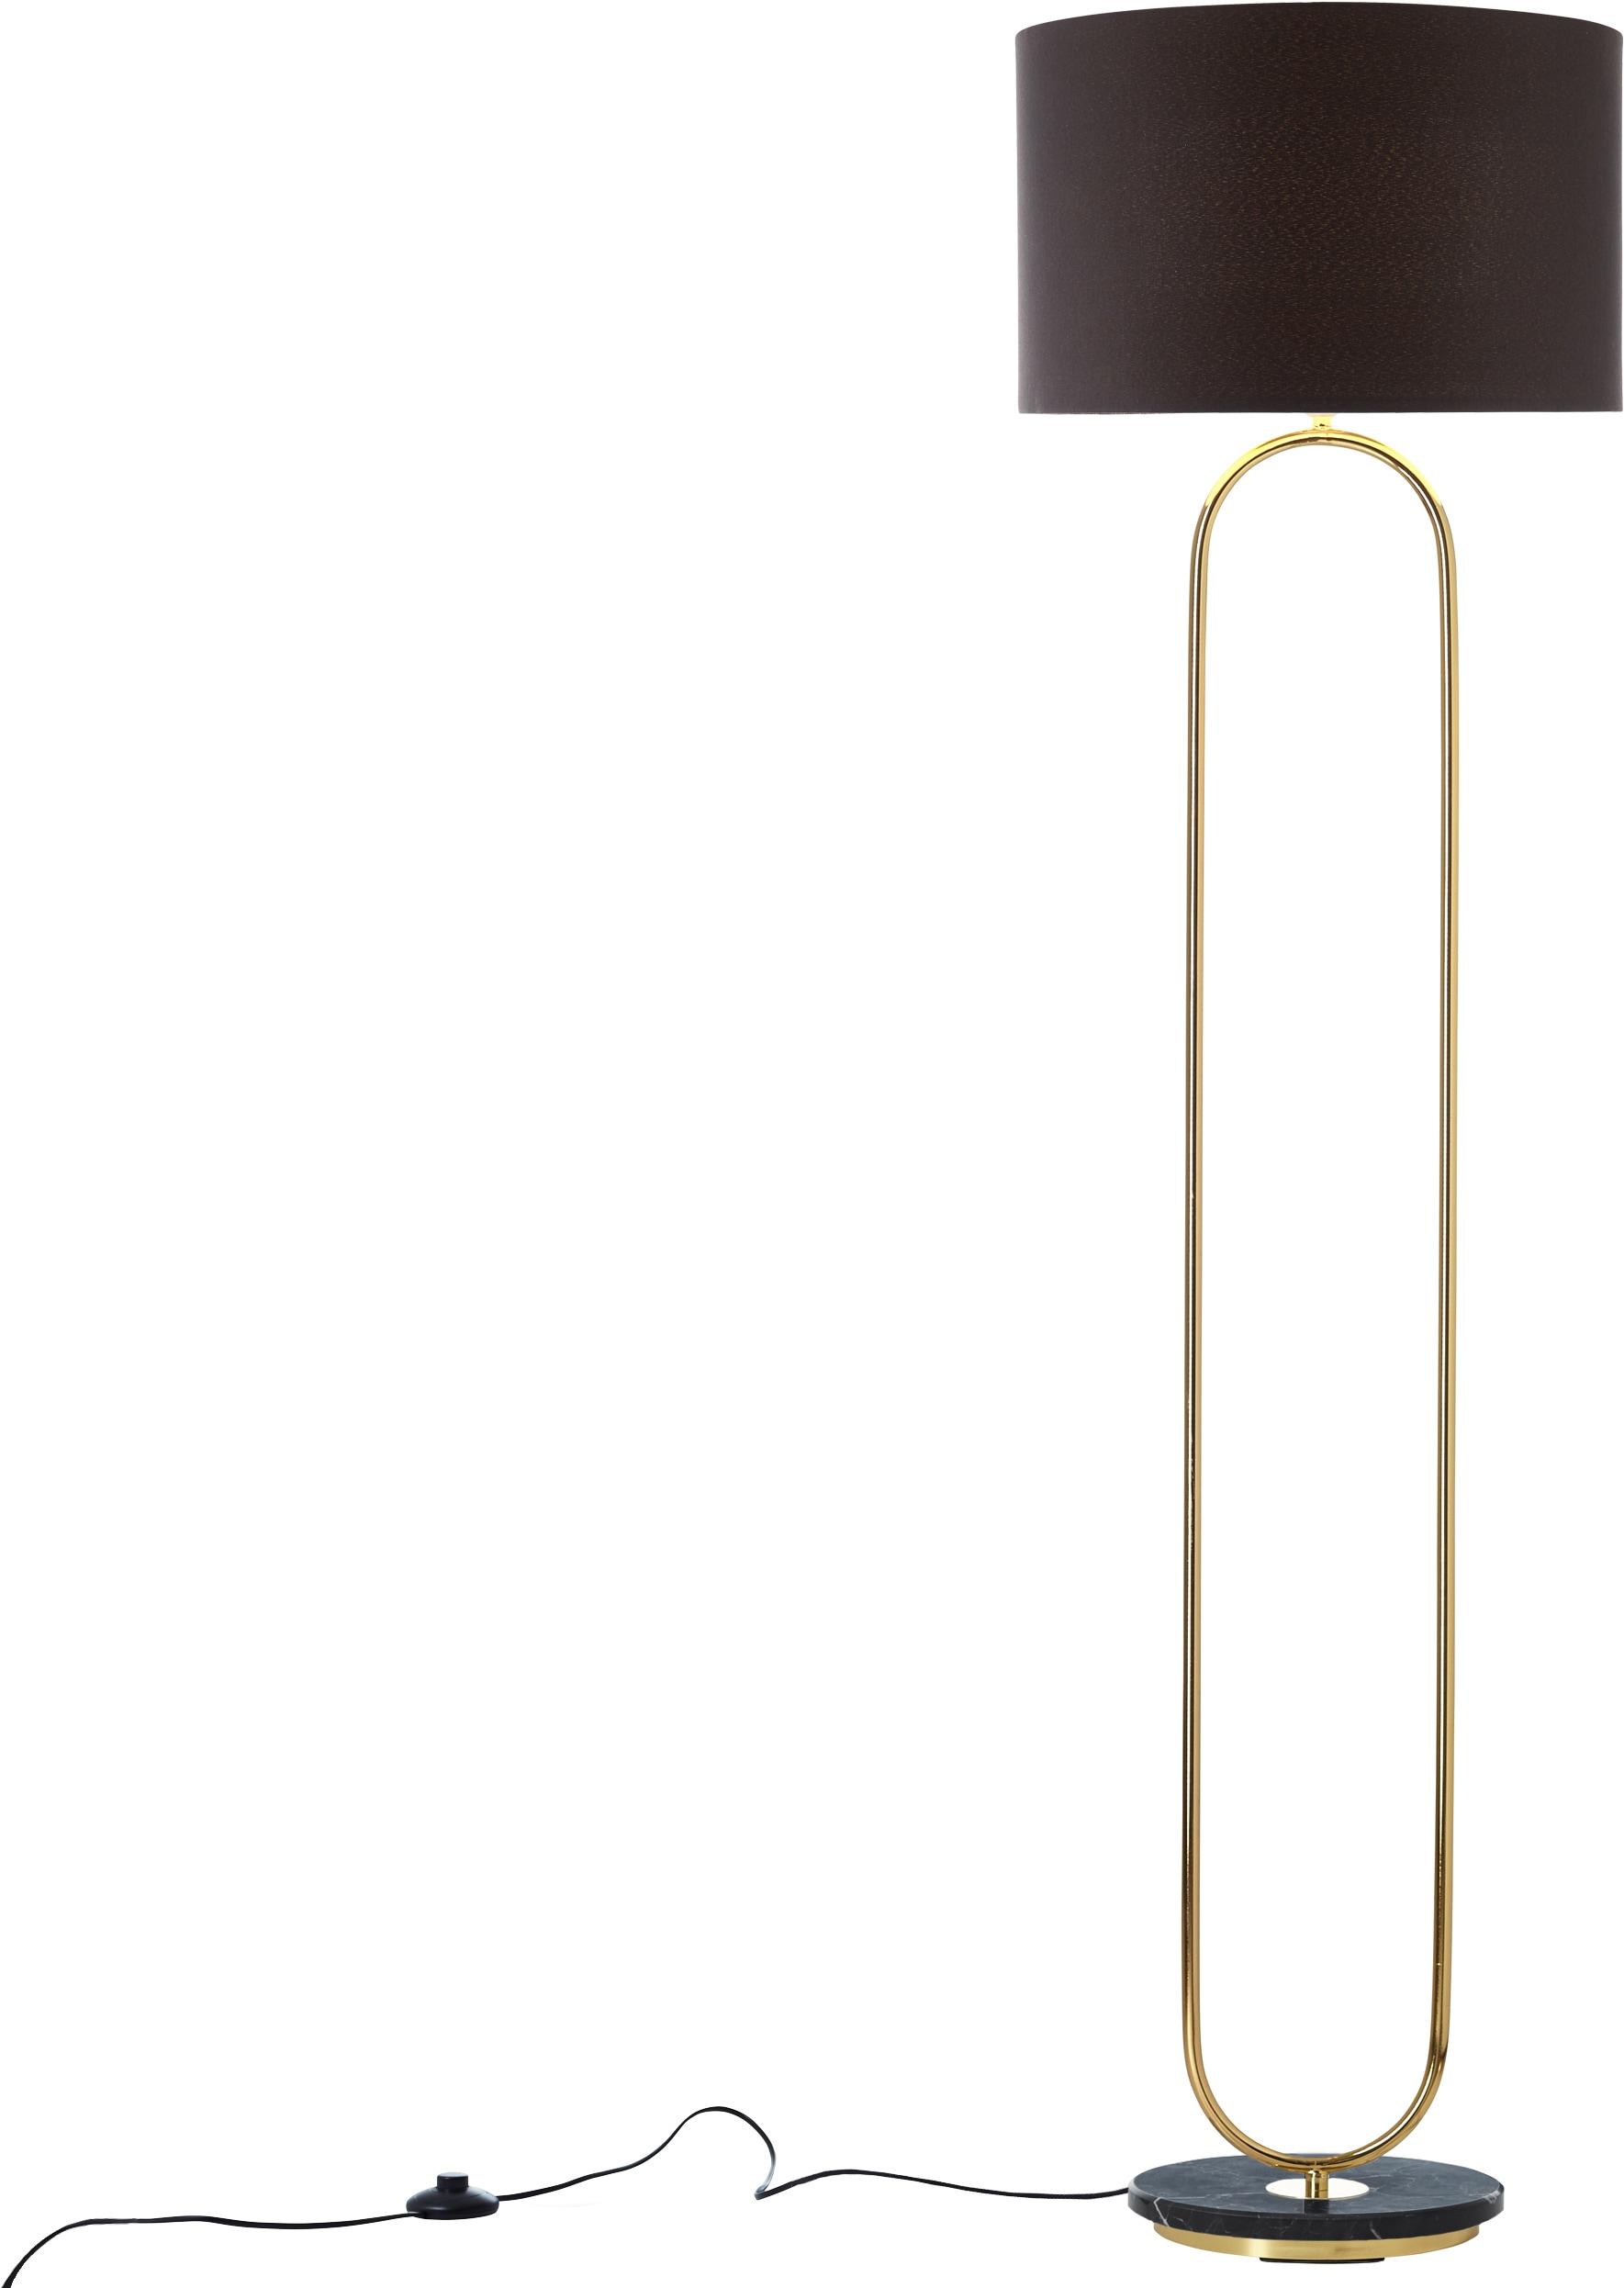 Guido Maria Kretschmer Home&Living Stehlampe Zeria, E27, Fuß der Stehleuchte in Marmor-Optik, schwarzer Stoff-Schirm